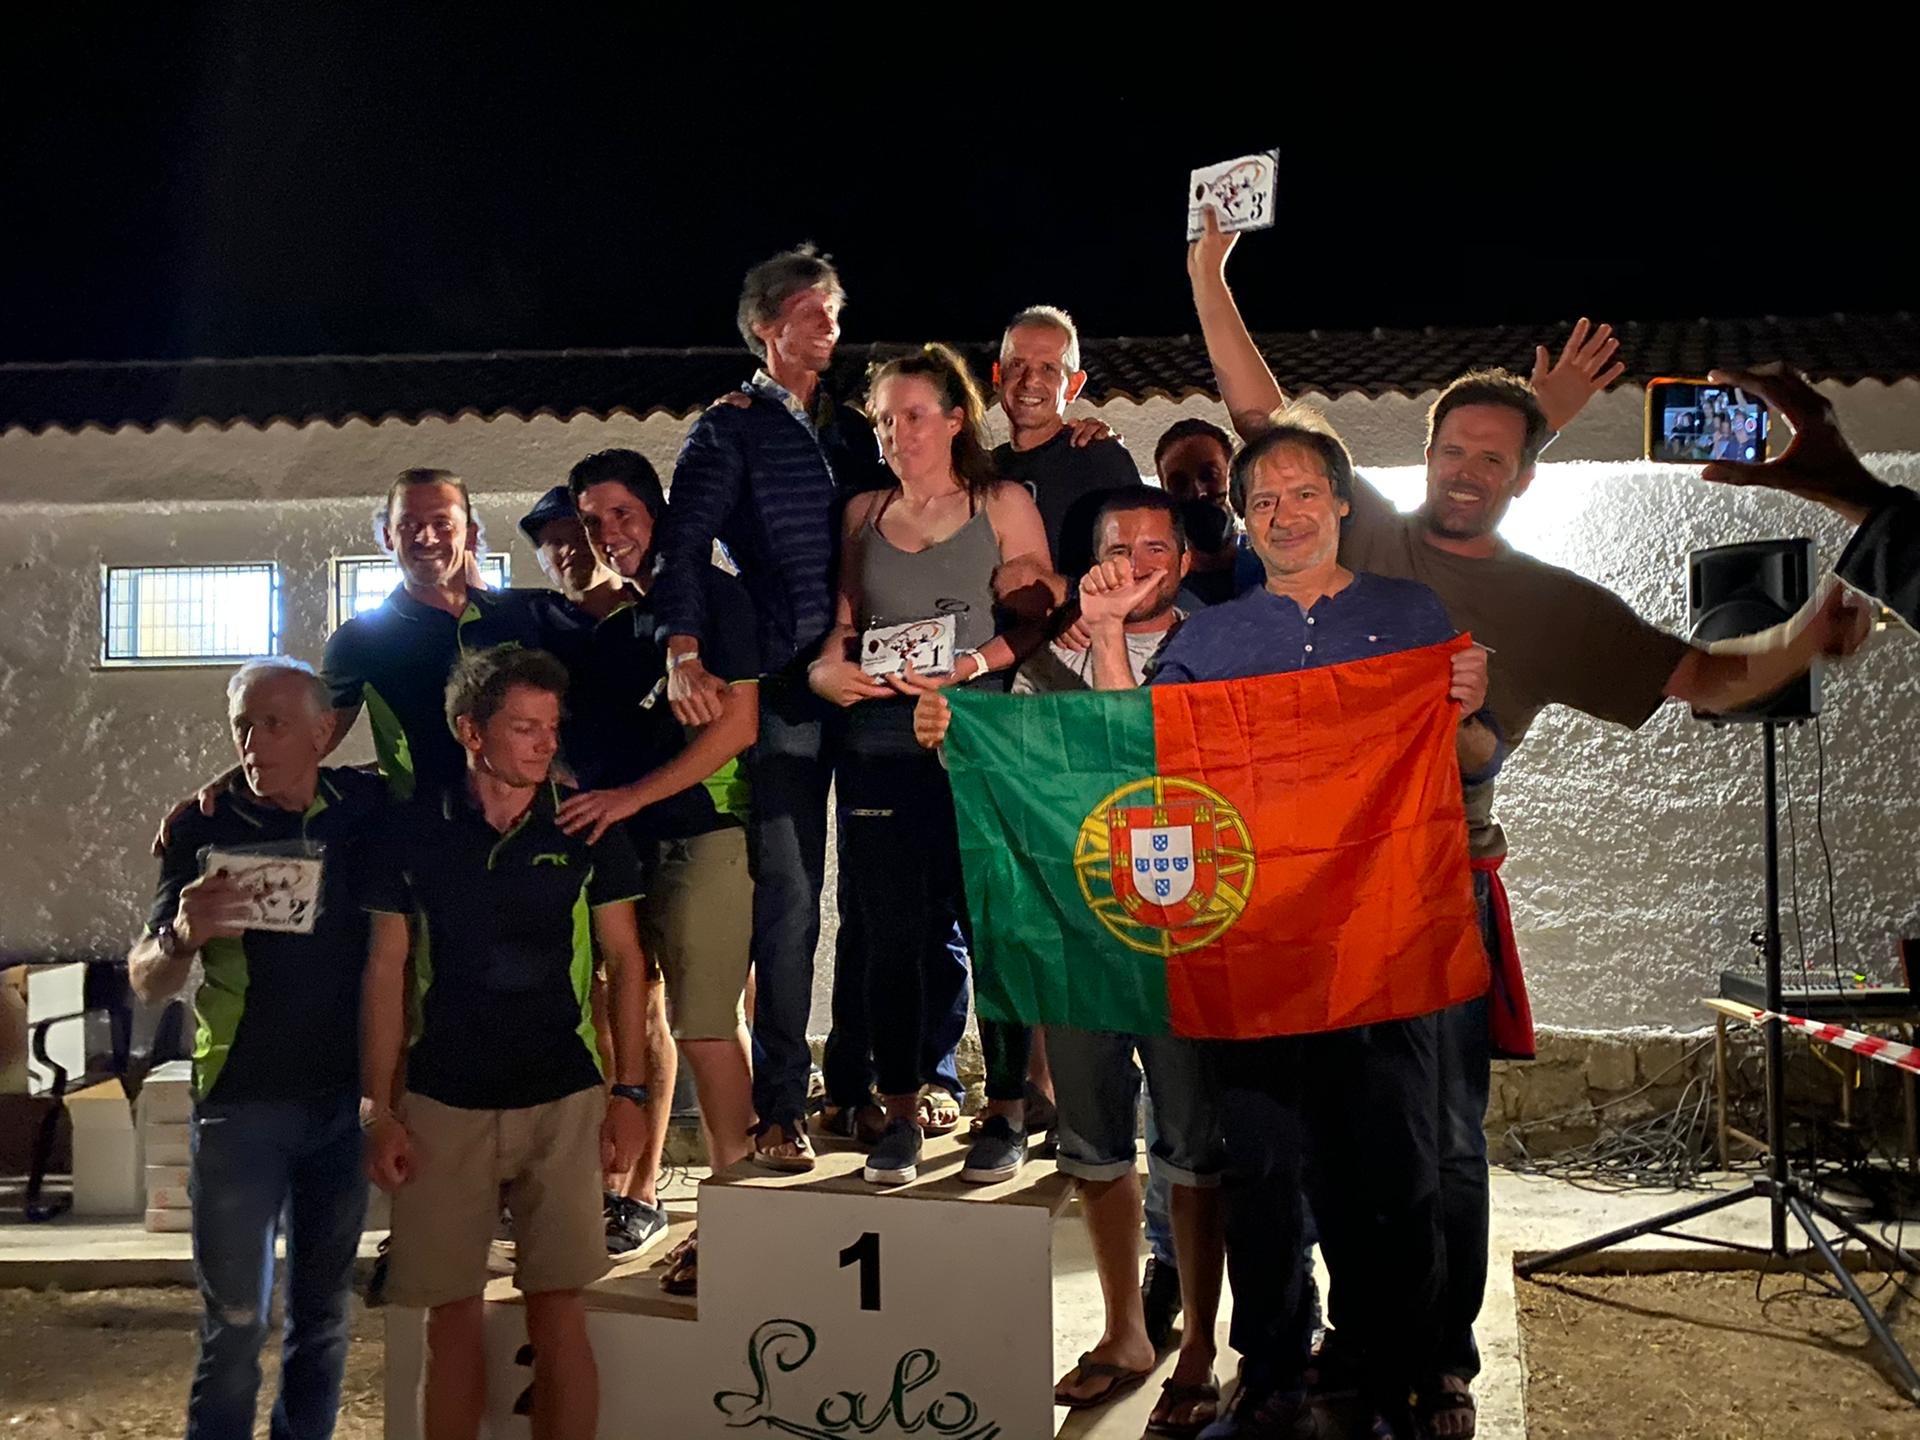 Federação Portuguesa Voo Livre – Portugueses conquistam lugares em Espanha